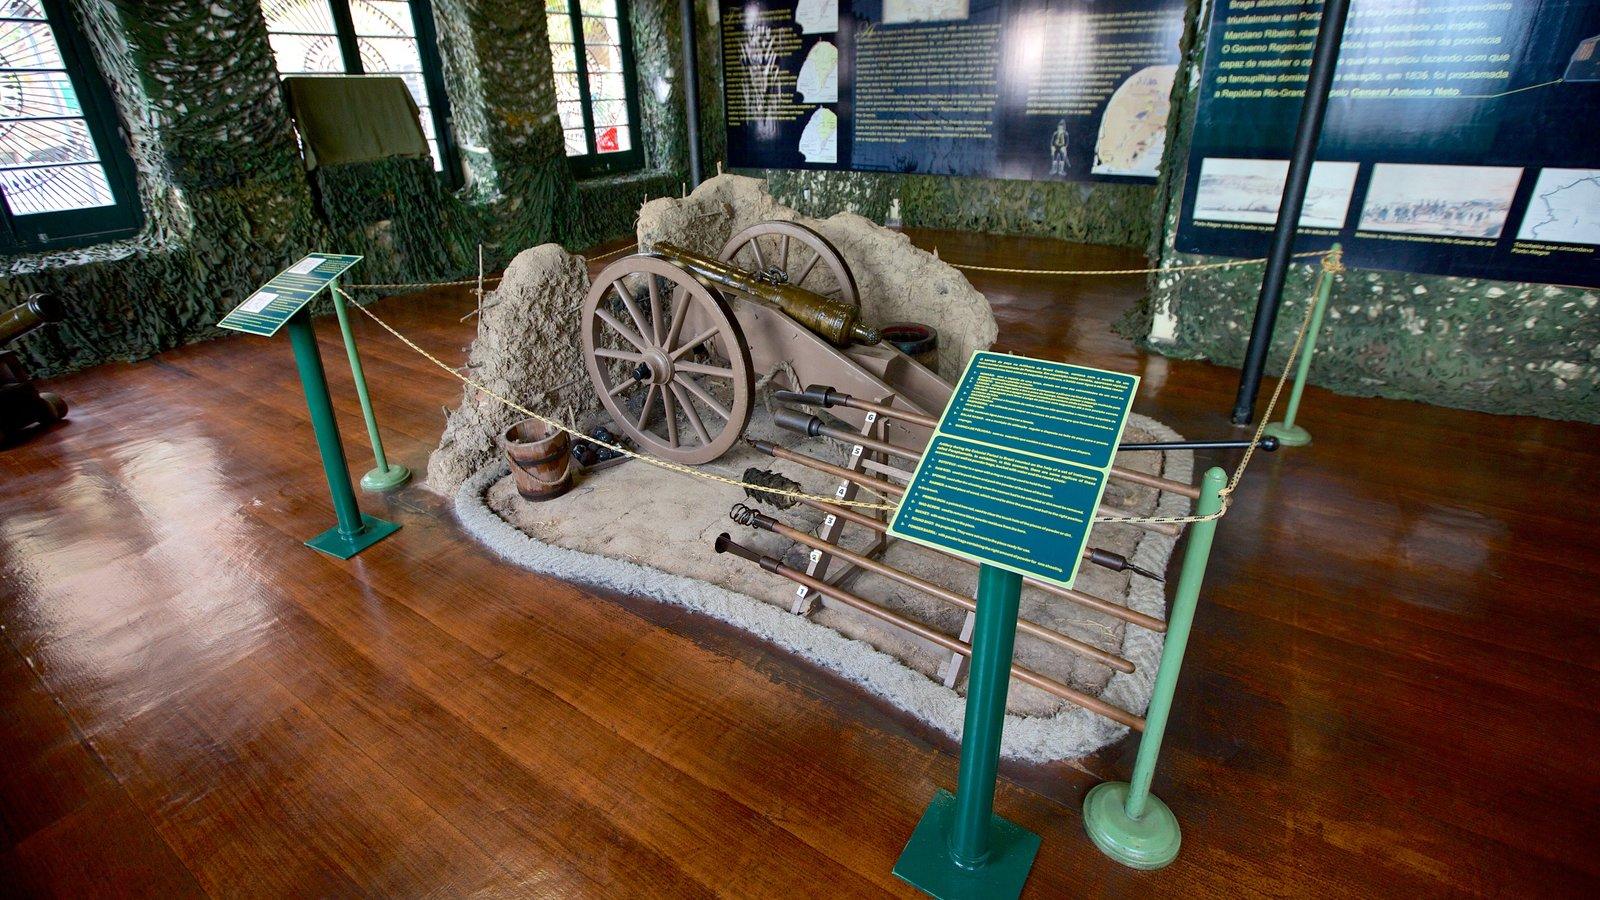 Museu Militar caracterizando vistas internas, itens militares e paisagens